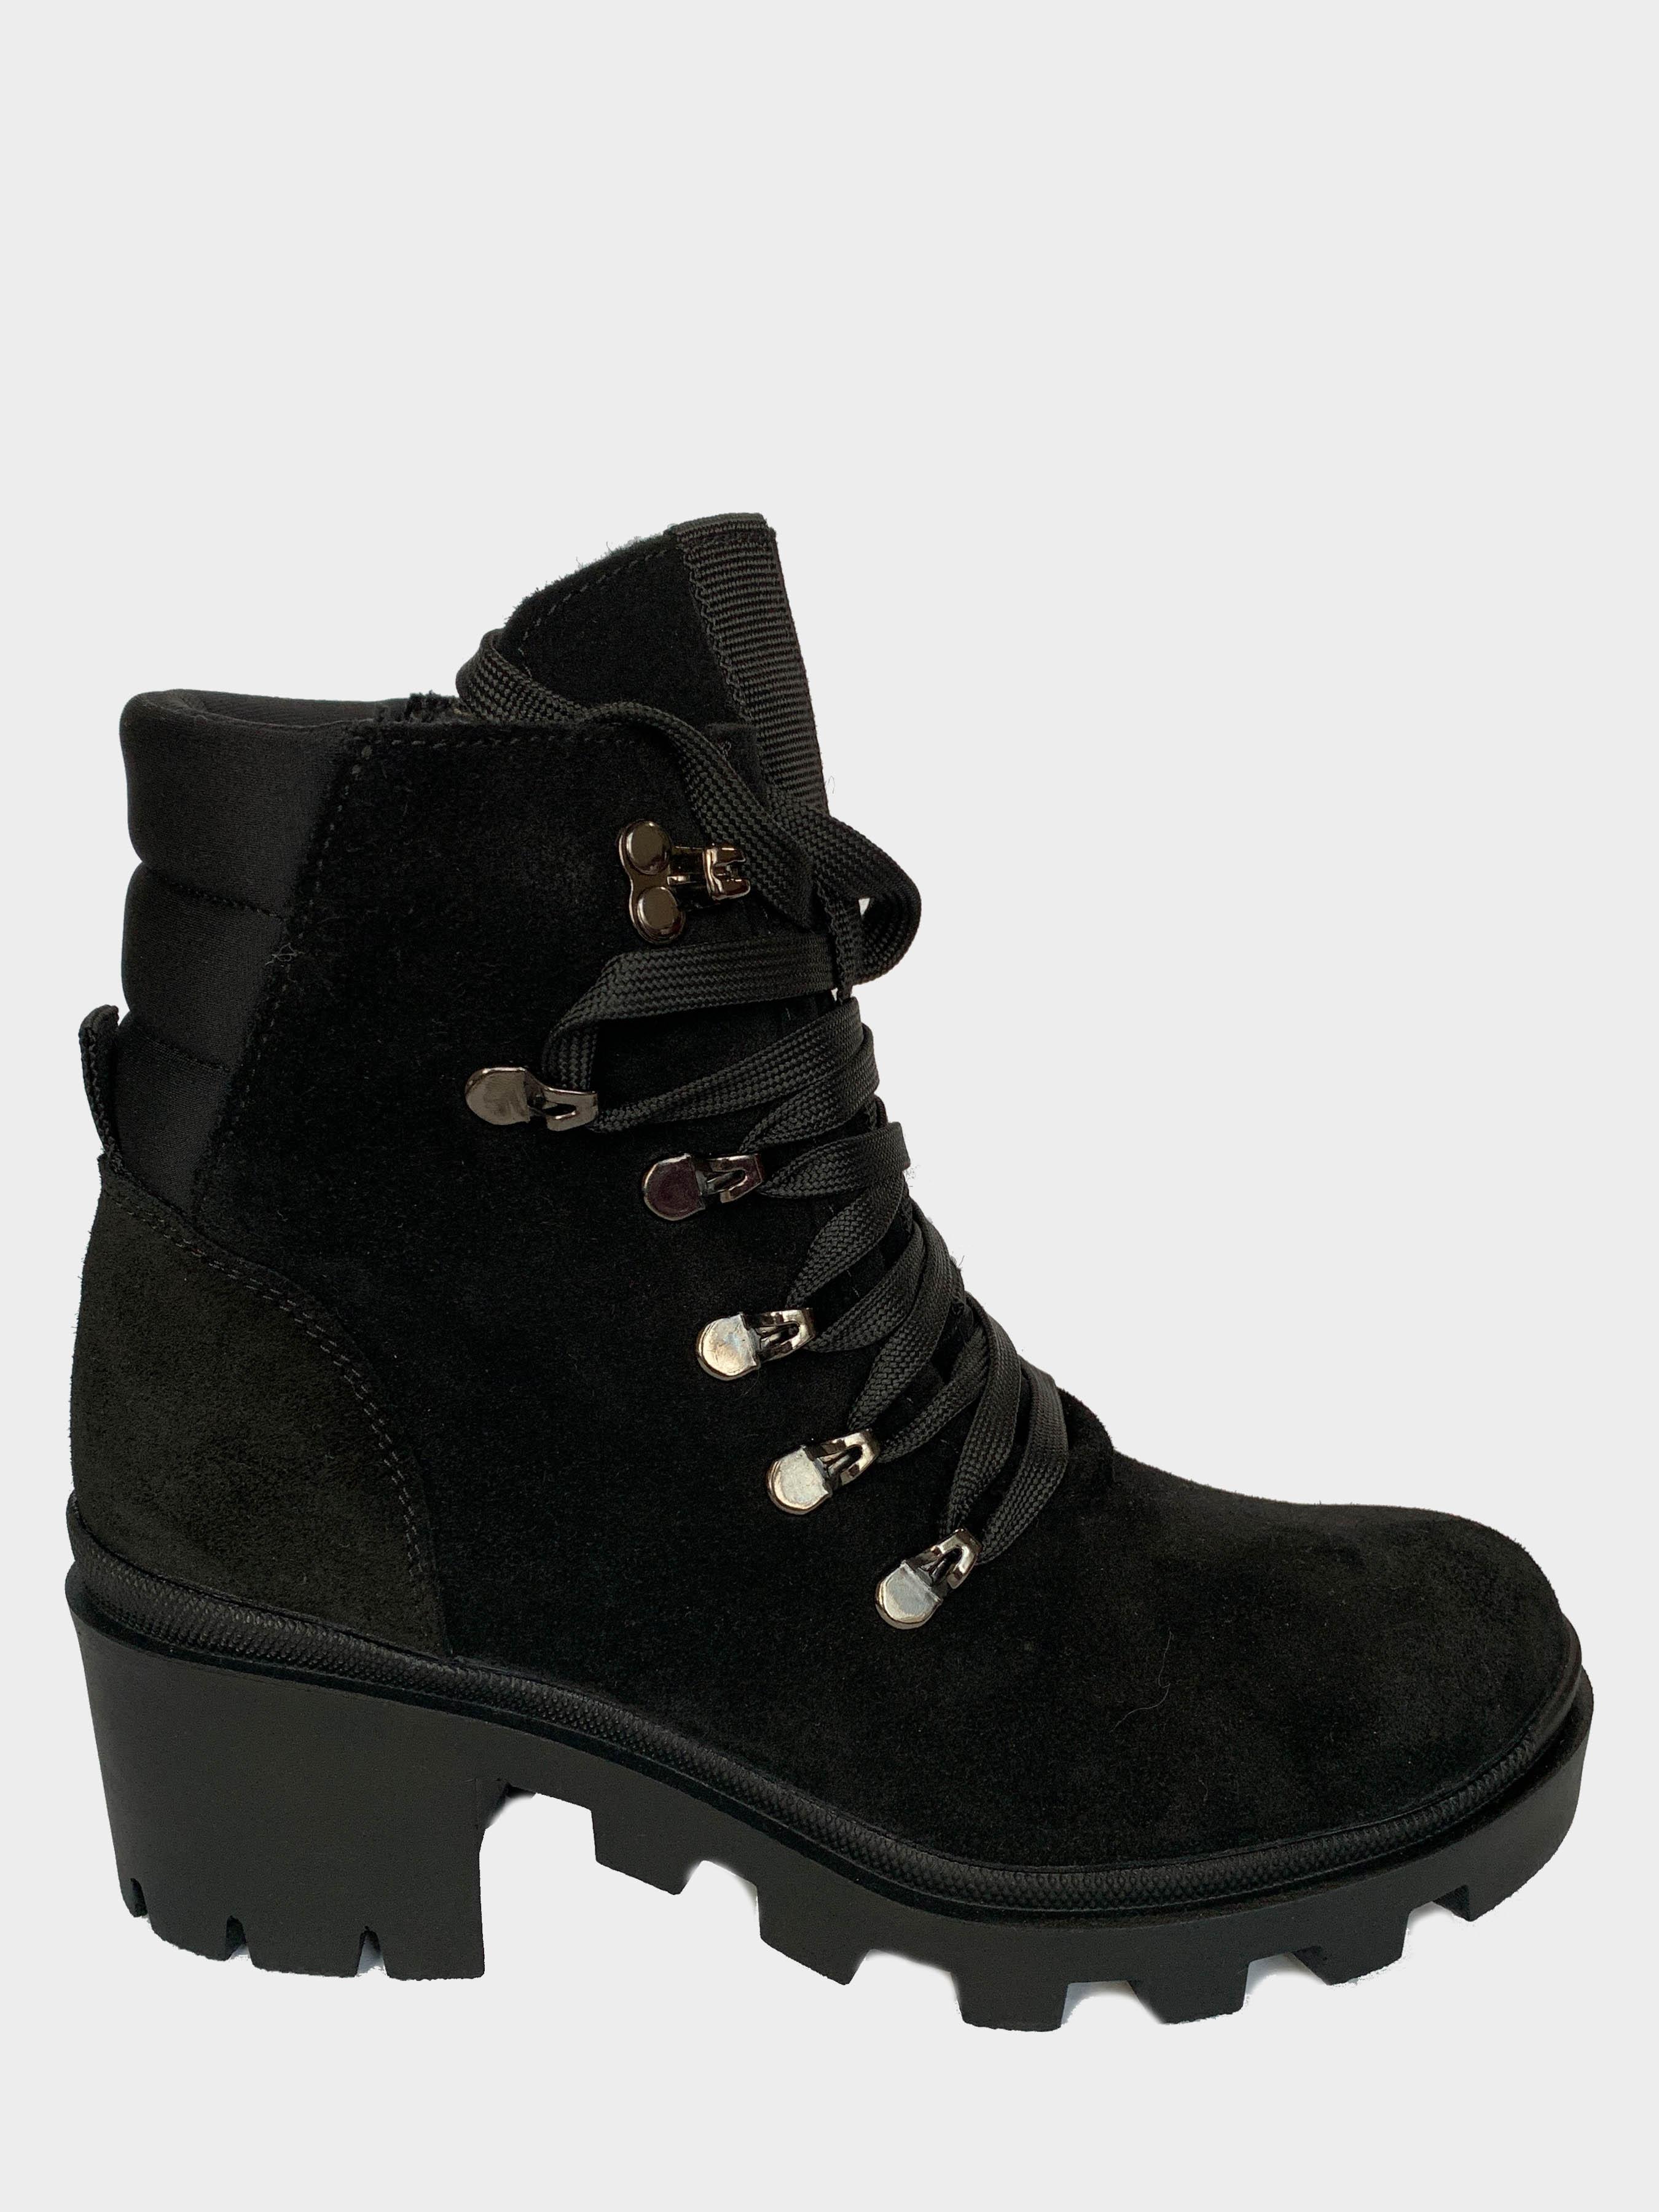 Ботинки детские Abigail Velur Black 204-1Z размеры обуви, 2017